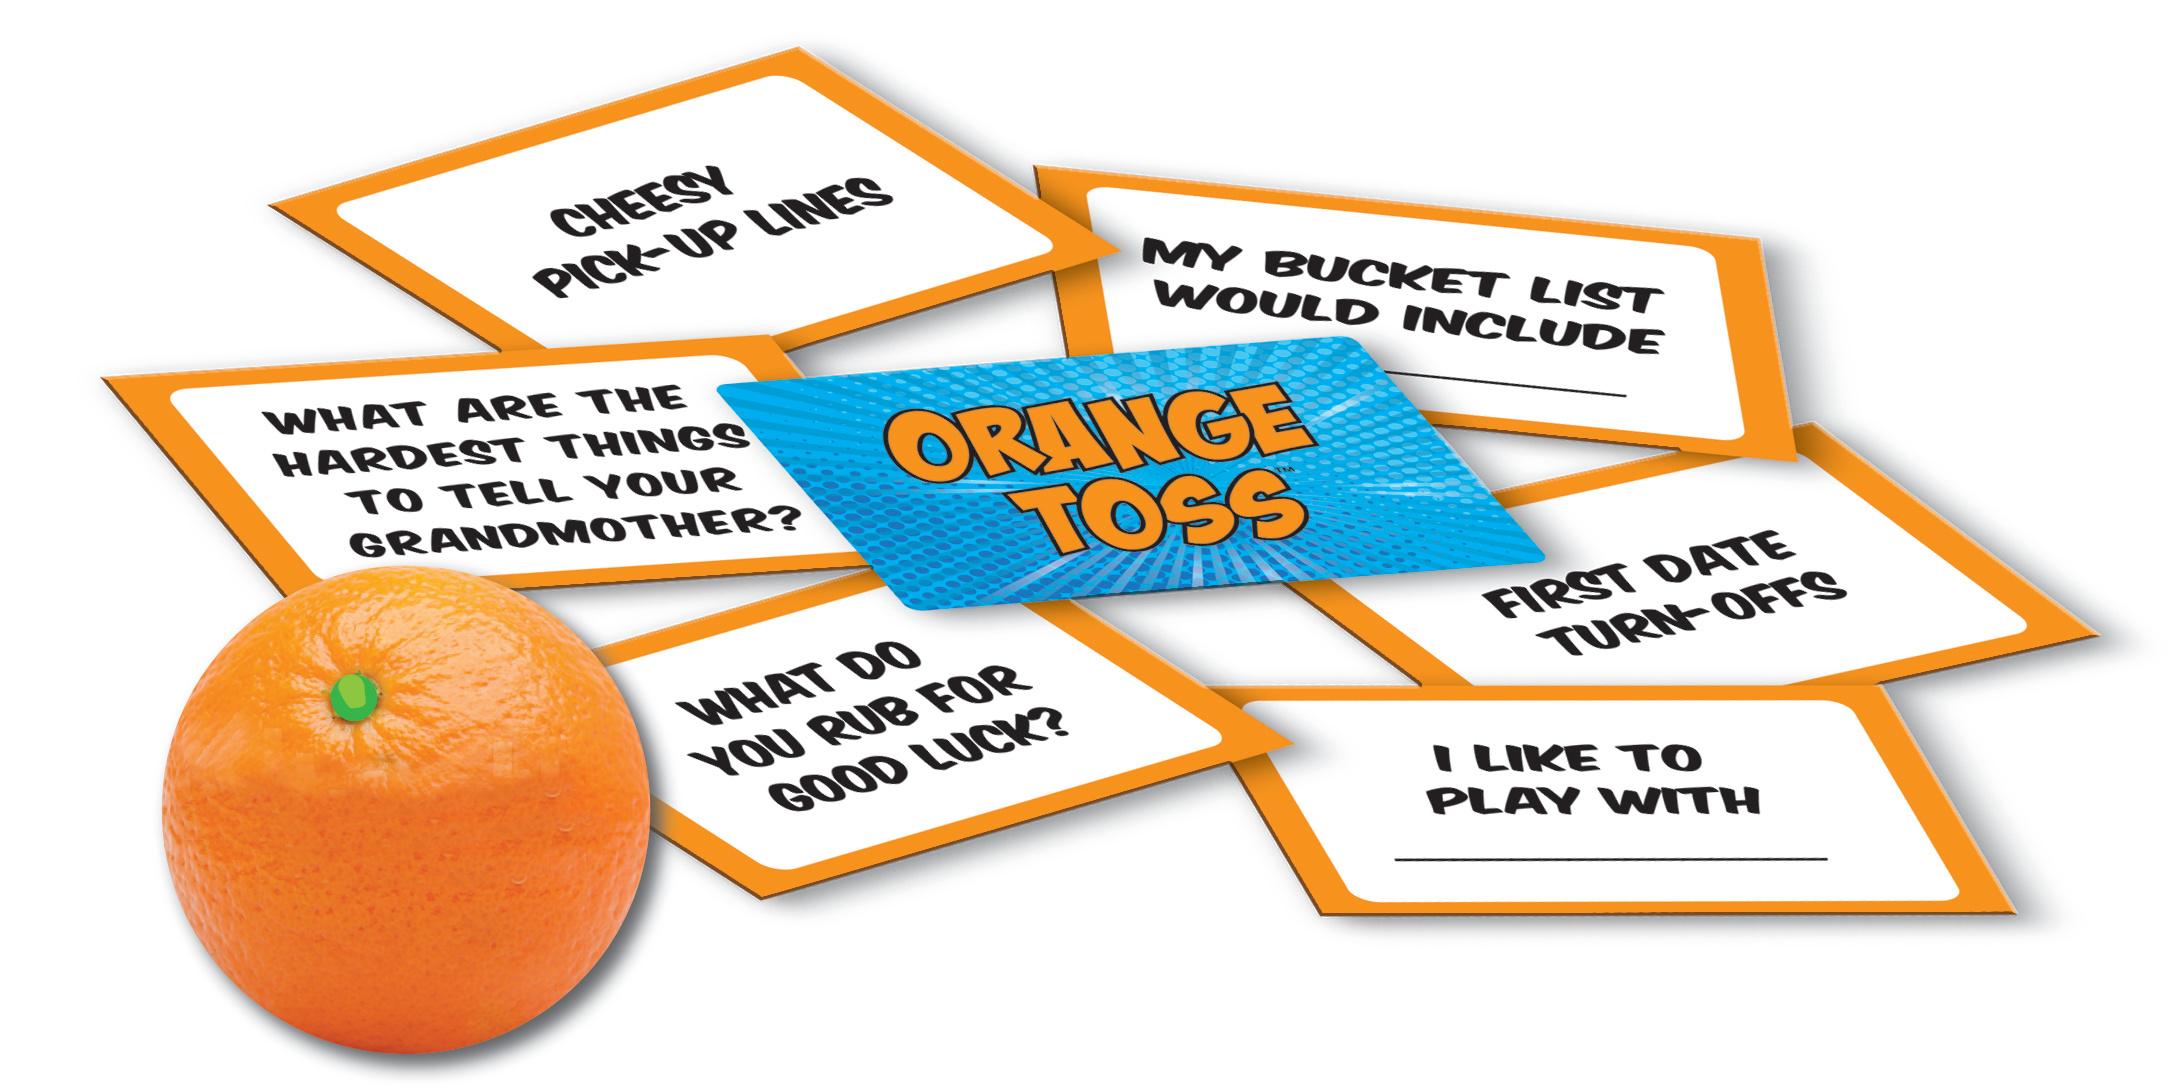 01053_OrangeToss_Comp